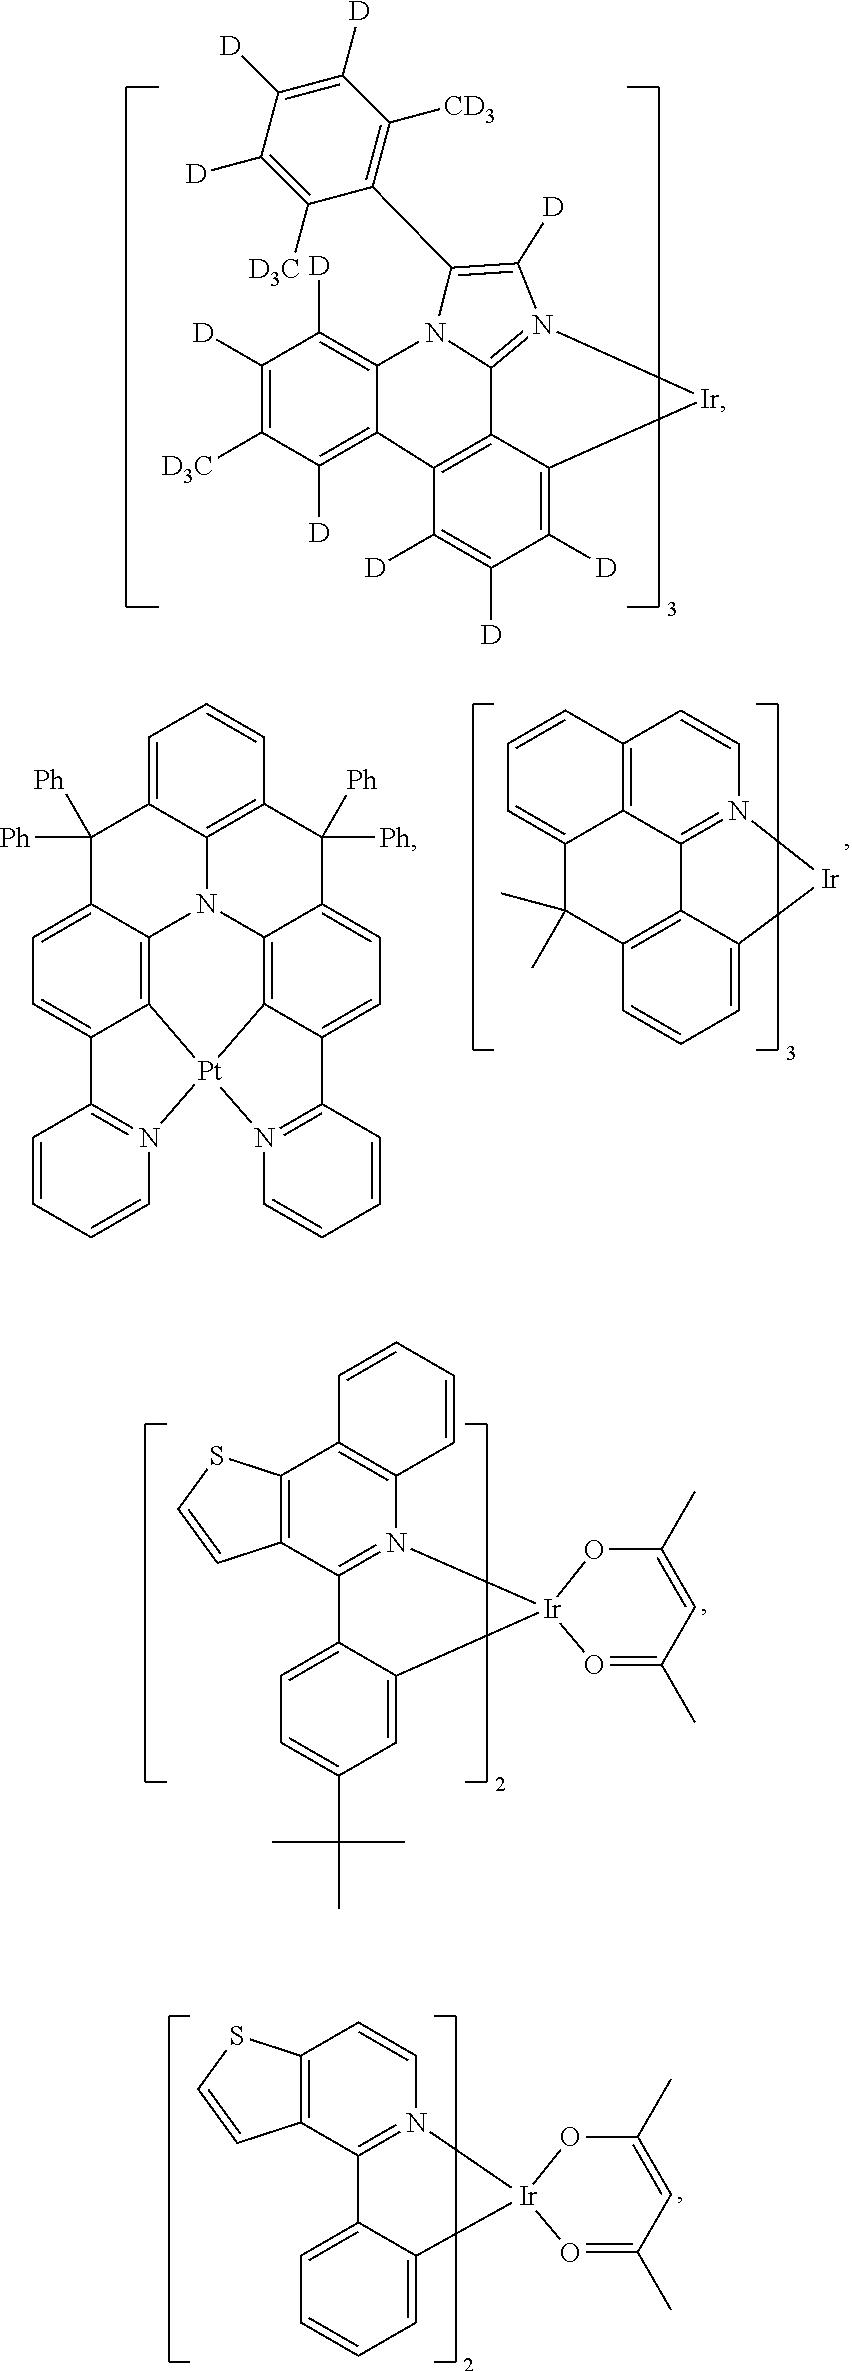 Figure US20180076393A1-20180315-C00108